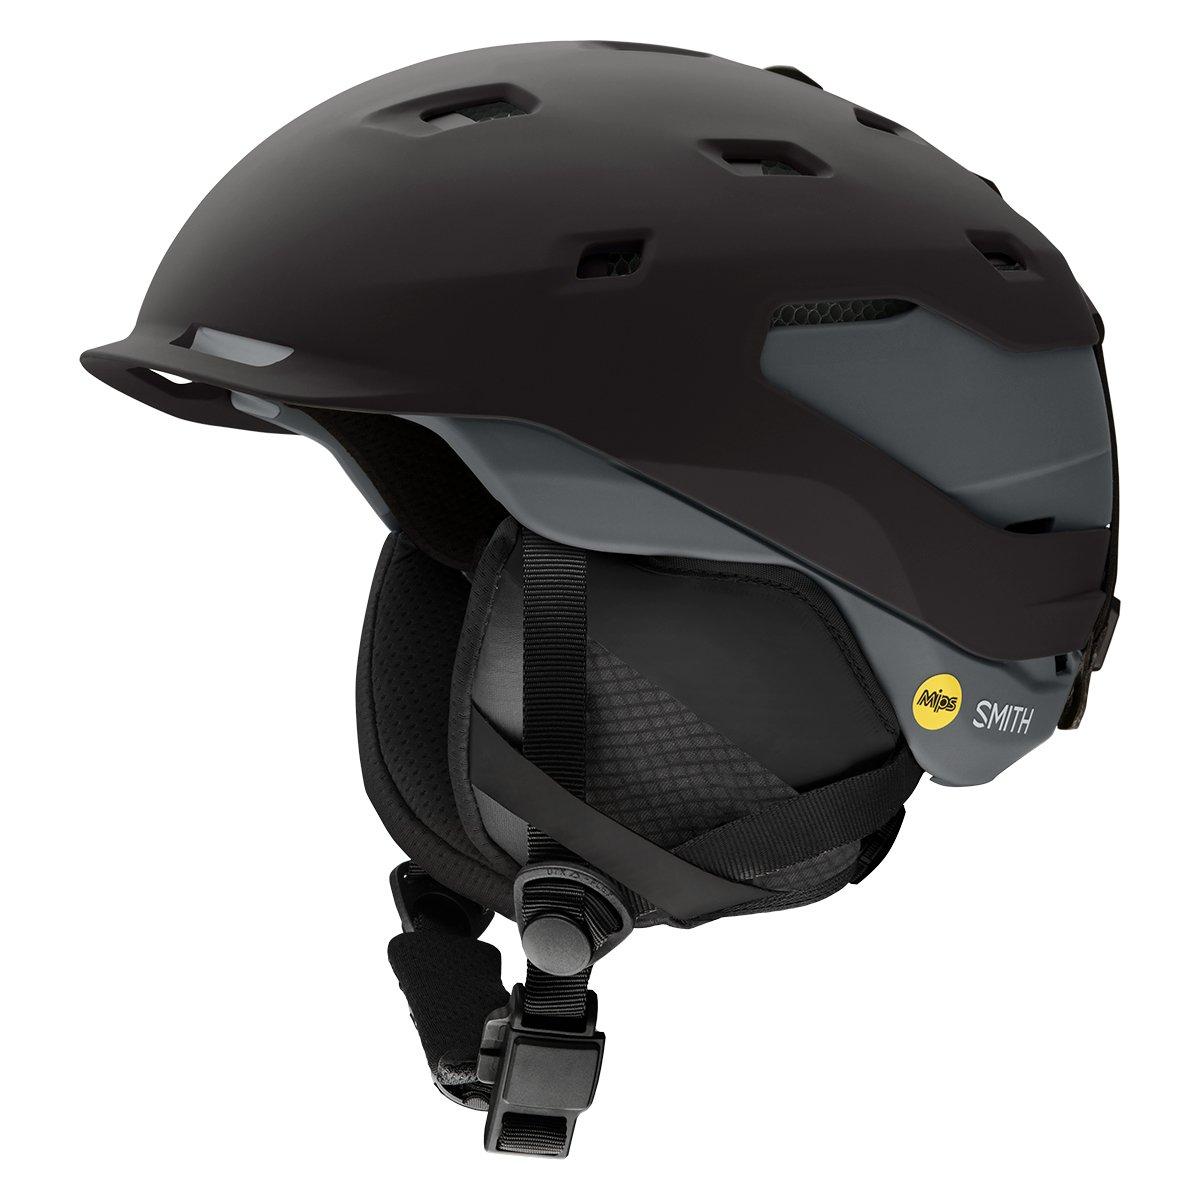 Smith Quantum snow Helmet w/ MIPS